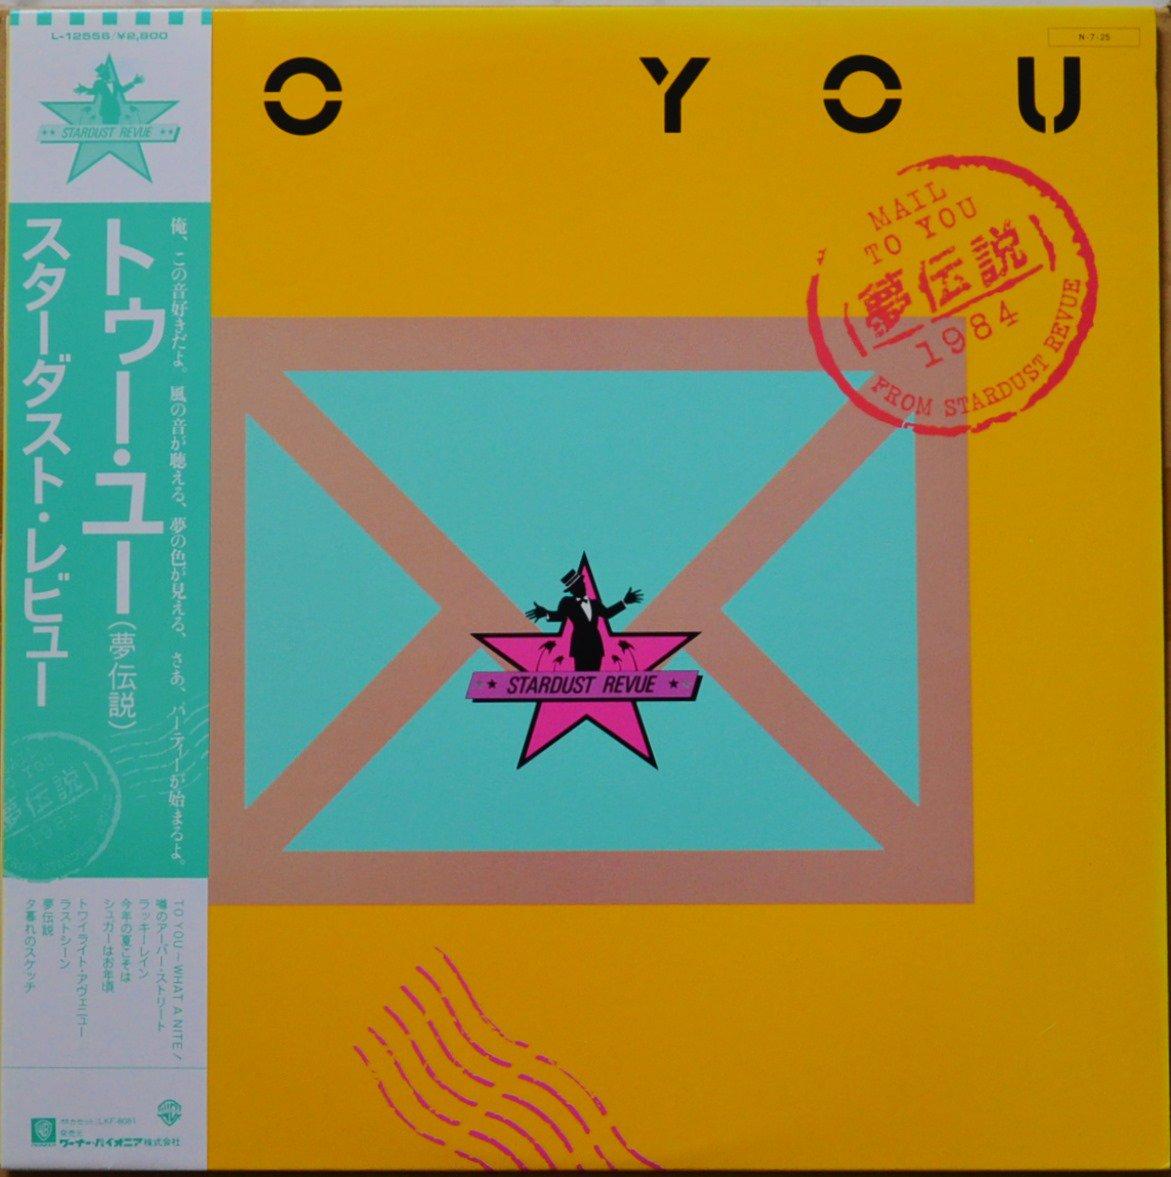 スターダスト・レビュー STARDUST REVUE / トゥー・ユー(夢伝説) / TO YOU 夢伝説 (LP)